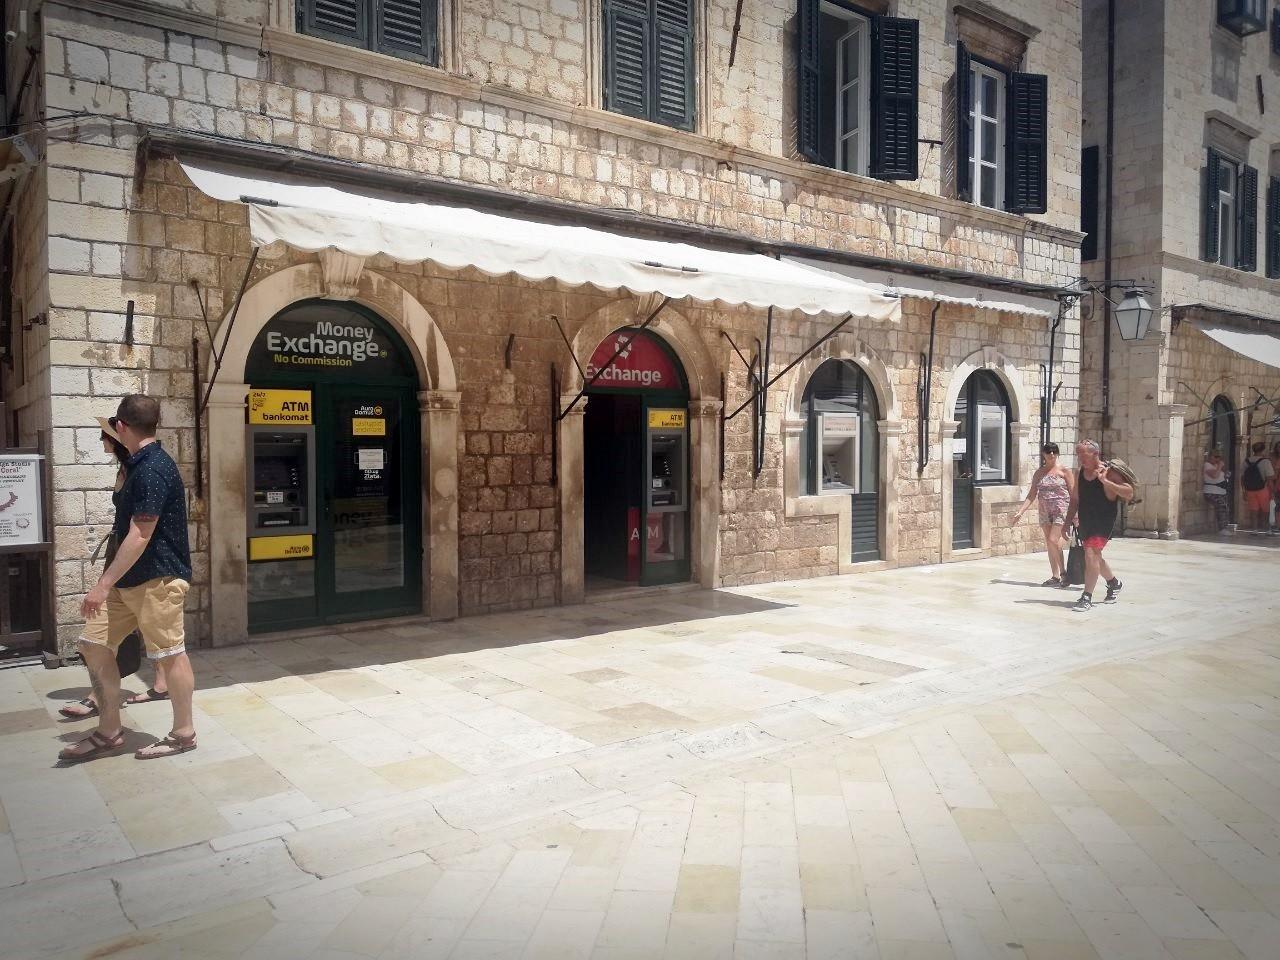 Započela primjena Odluke o bankomatima, komunalni redari pripremaju rješenja o uklanjaju